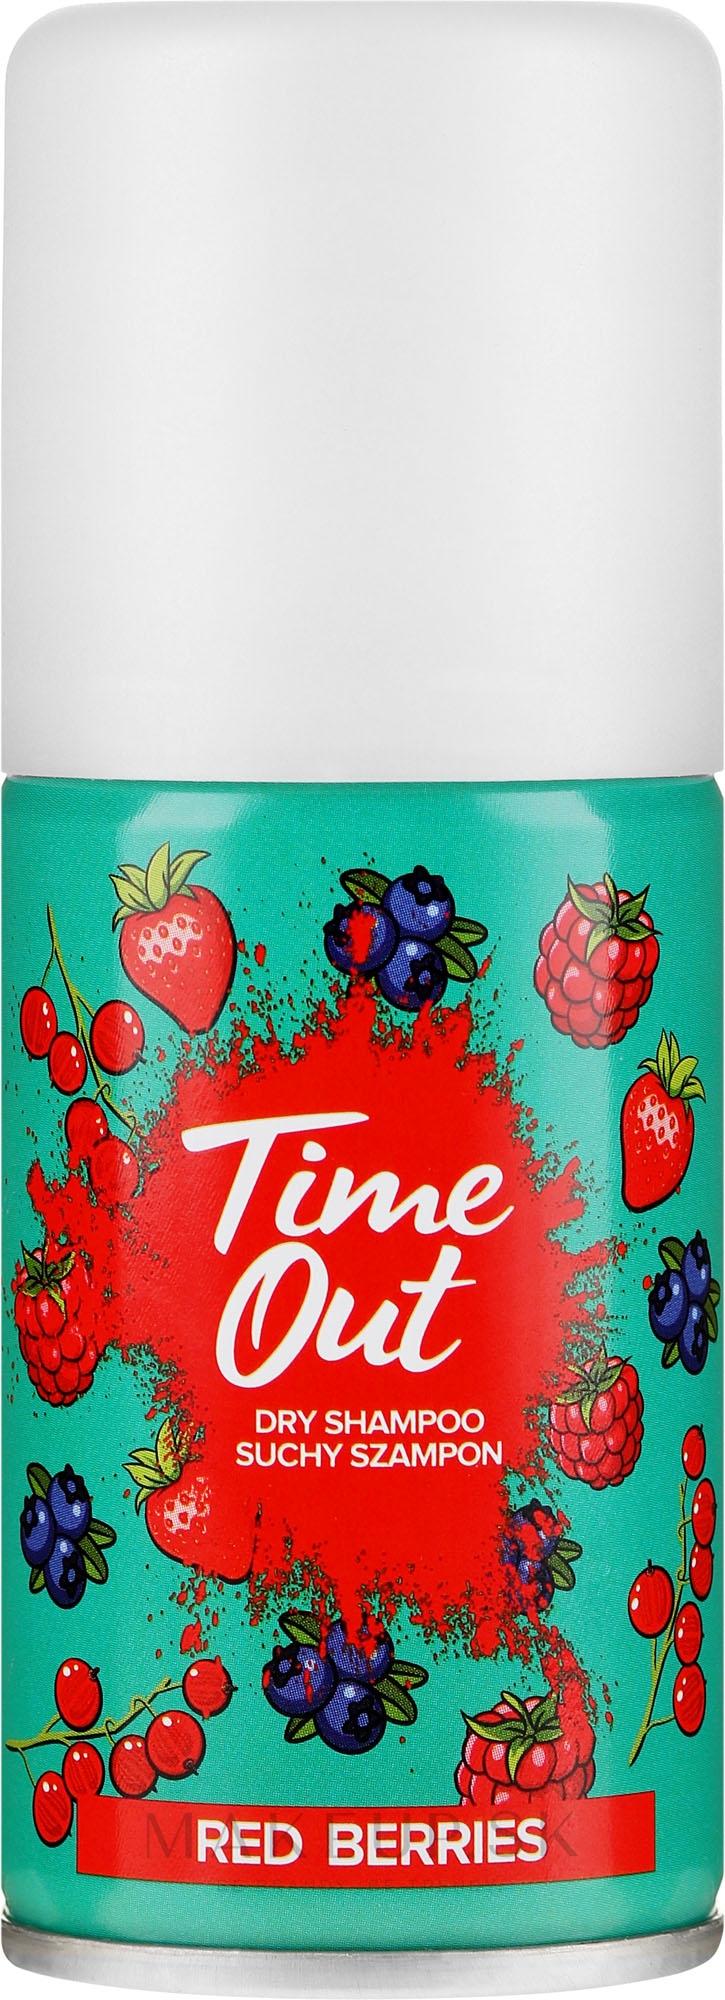 Suchý šampón na vlasy - Time Out Dry Shampoo Red Berries — Obrázky 75 ml